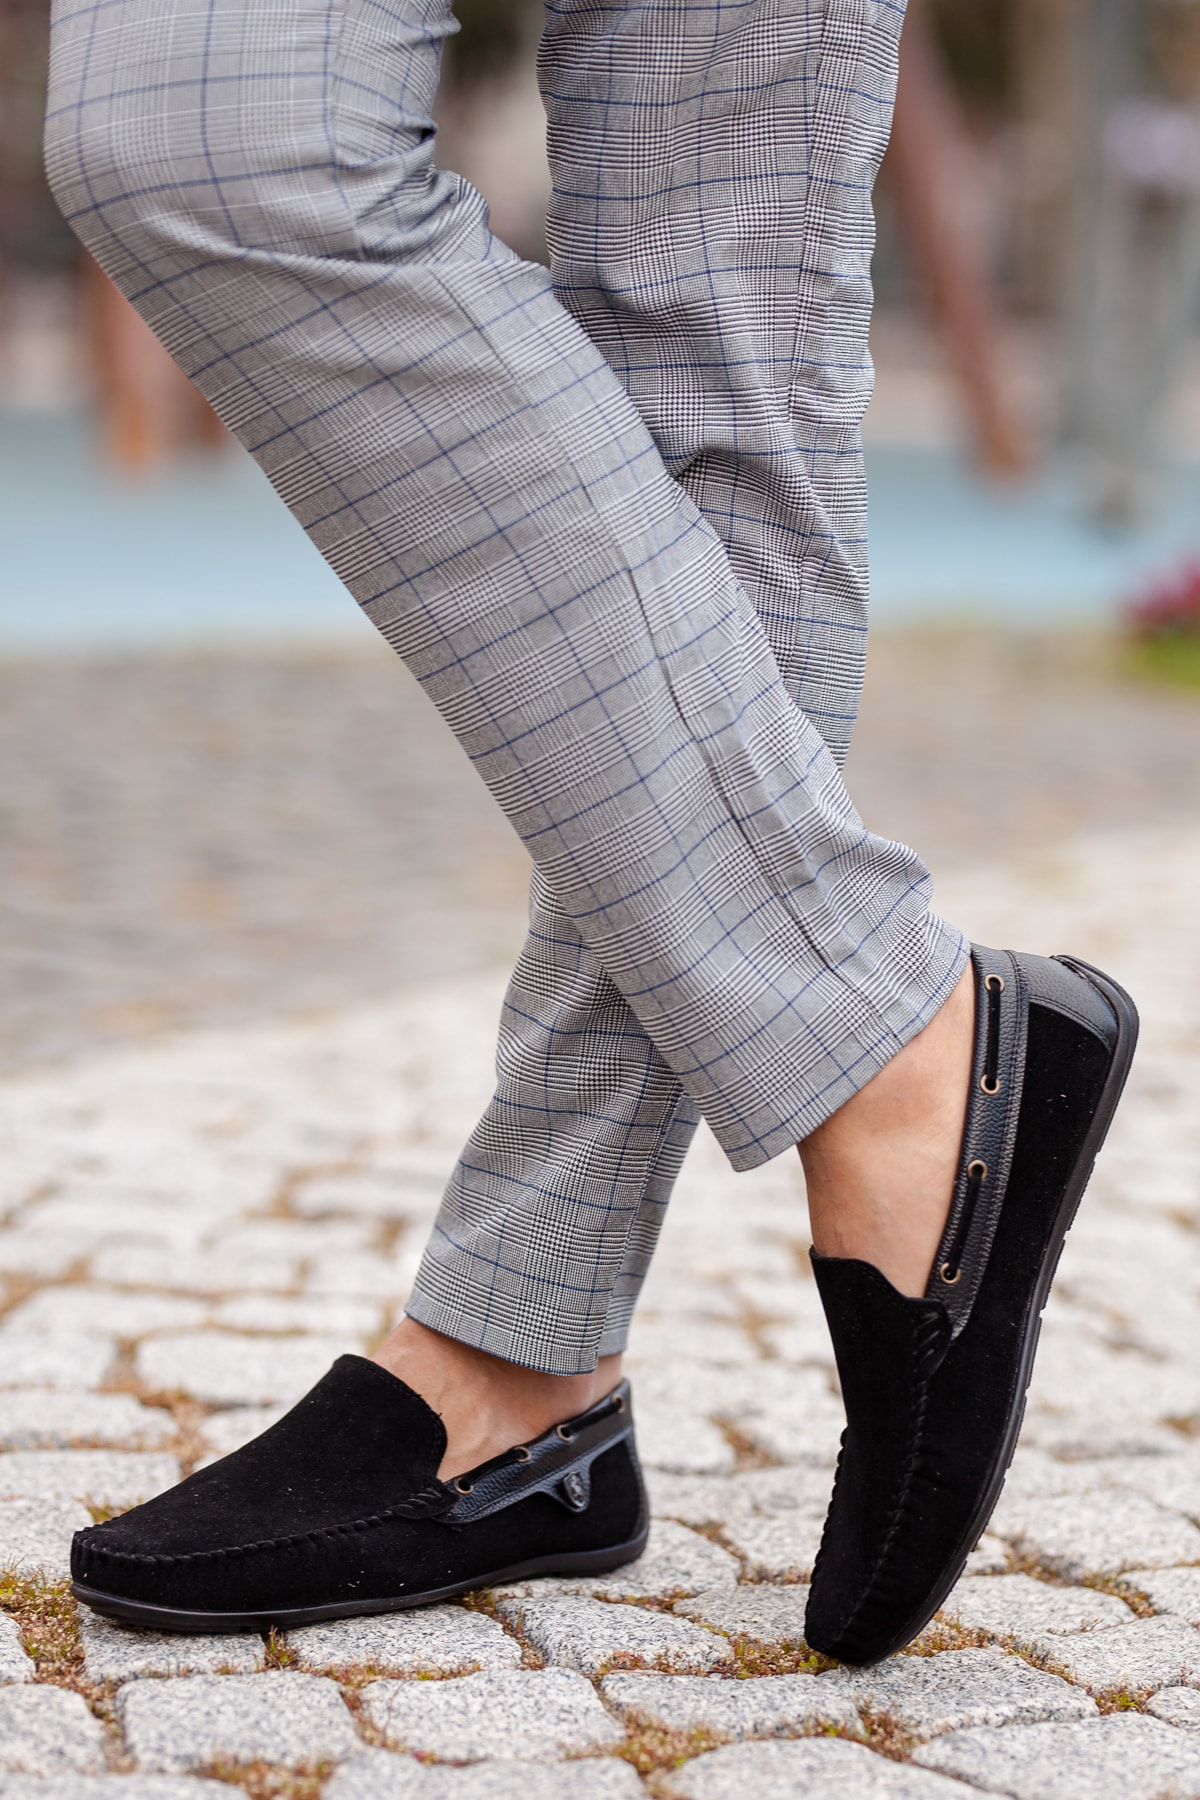 MUGGO Siyah Süet Günlük Ayakkabı M3473 Hediye 2